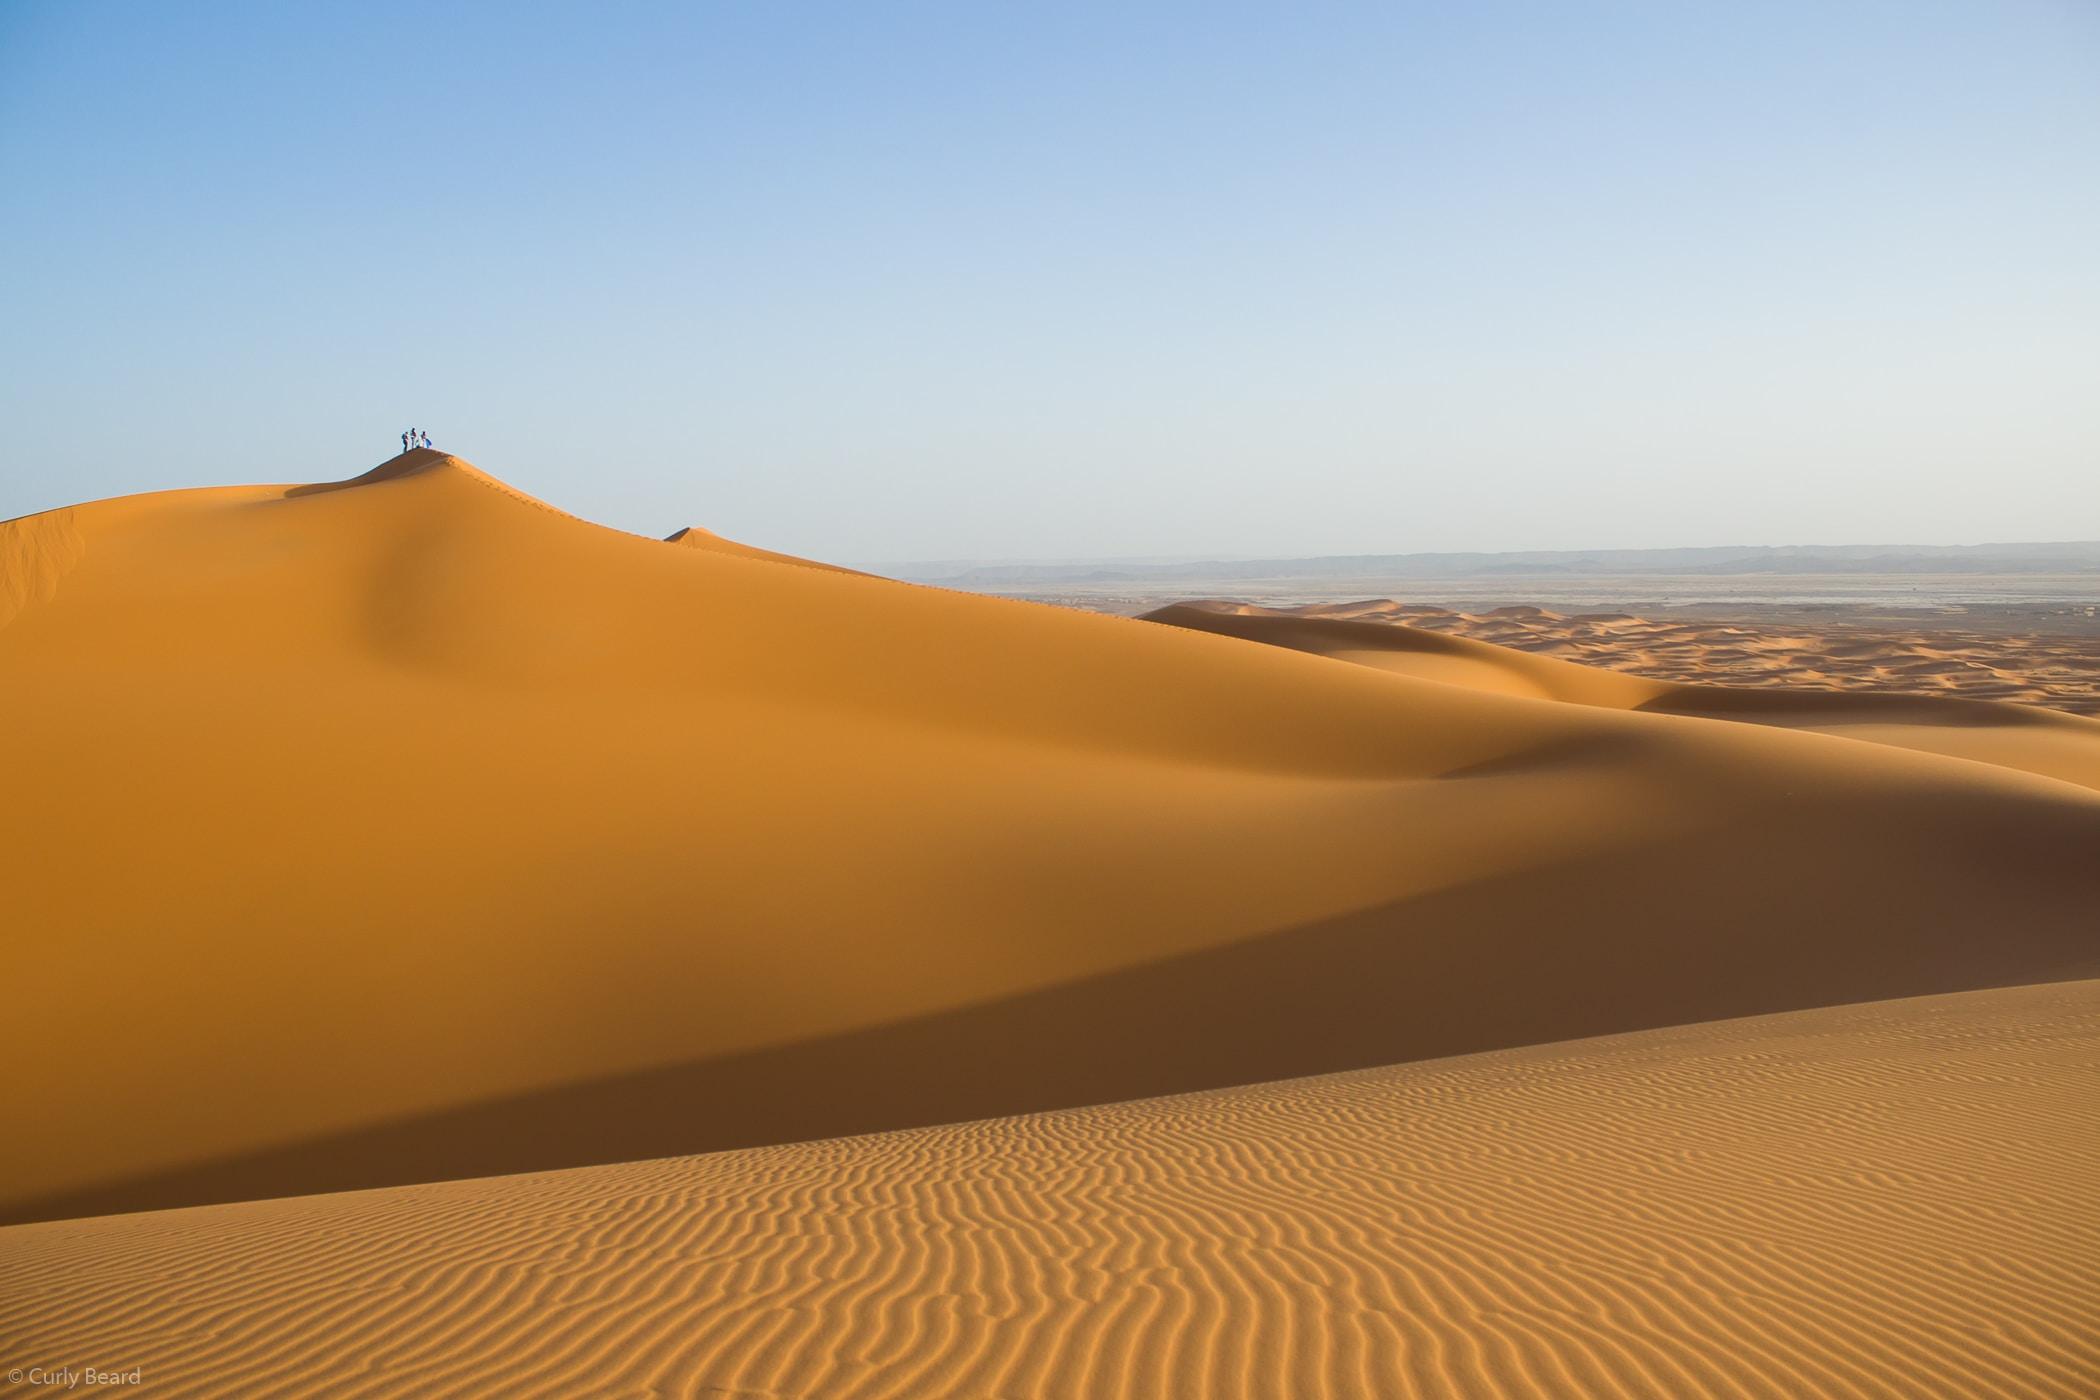 Hikers walk along sand ridges in the desert of Erg Chebbi